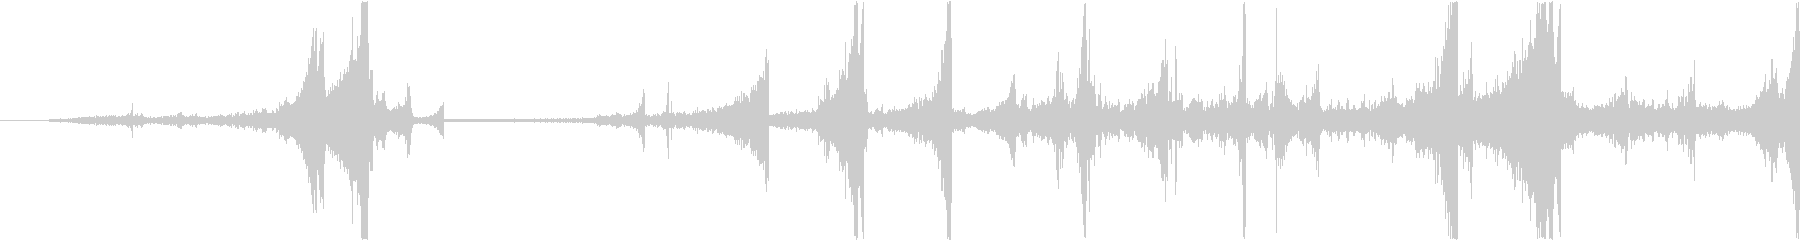 Zap 巻き戻し音・ザップ効果音 7の未再生の波形